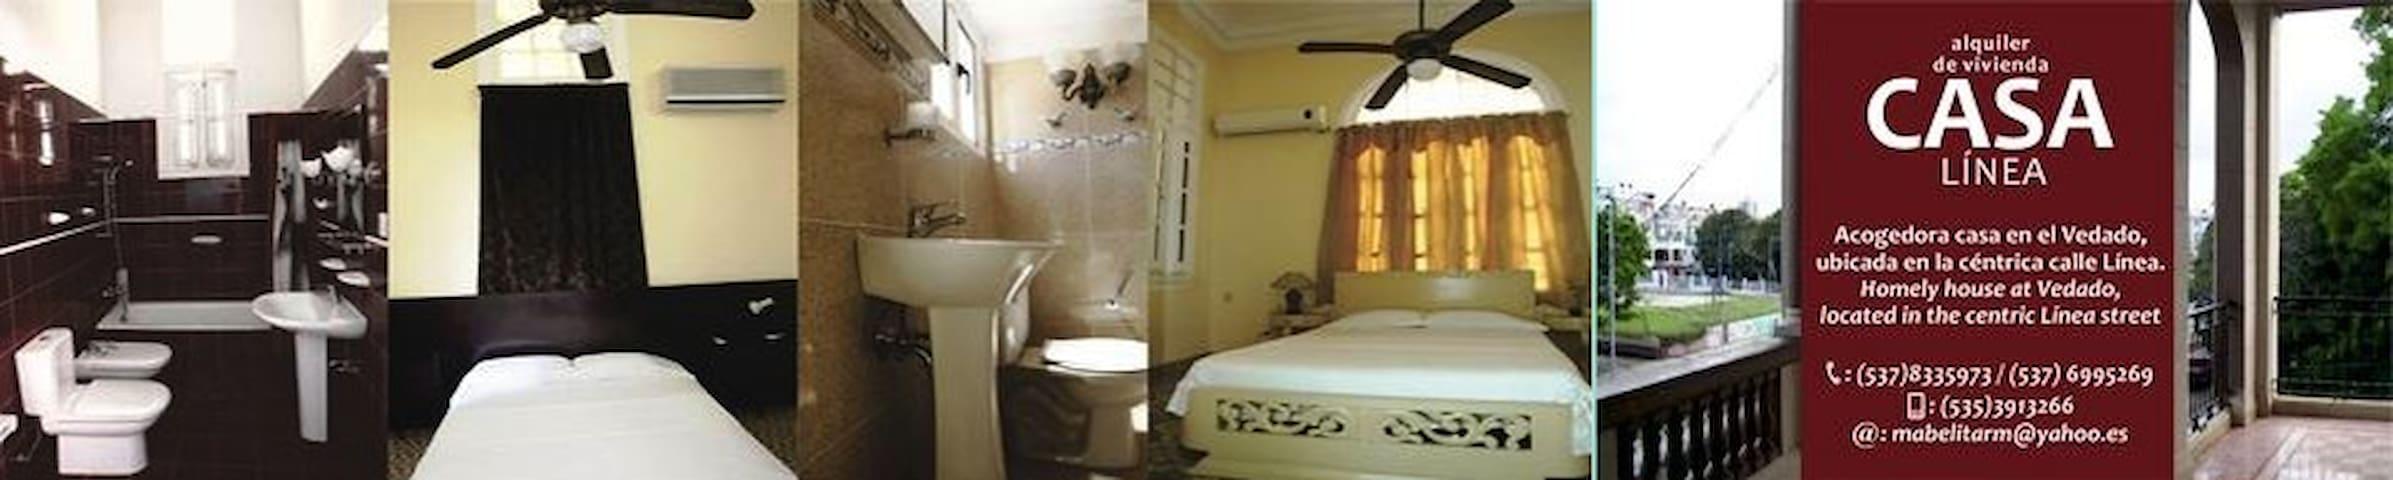 Habitación - baño interior